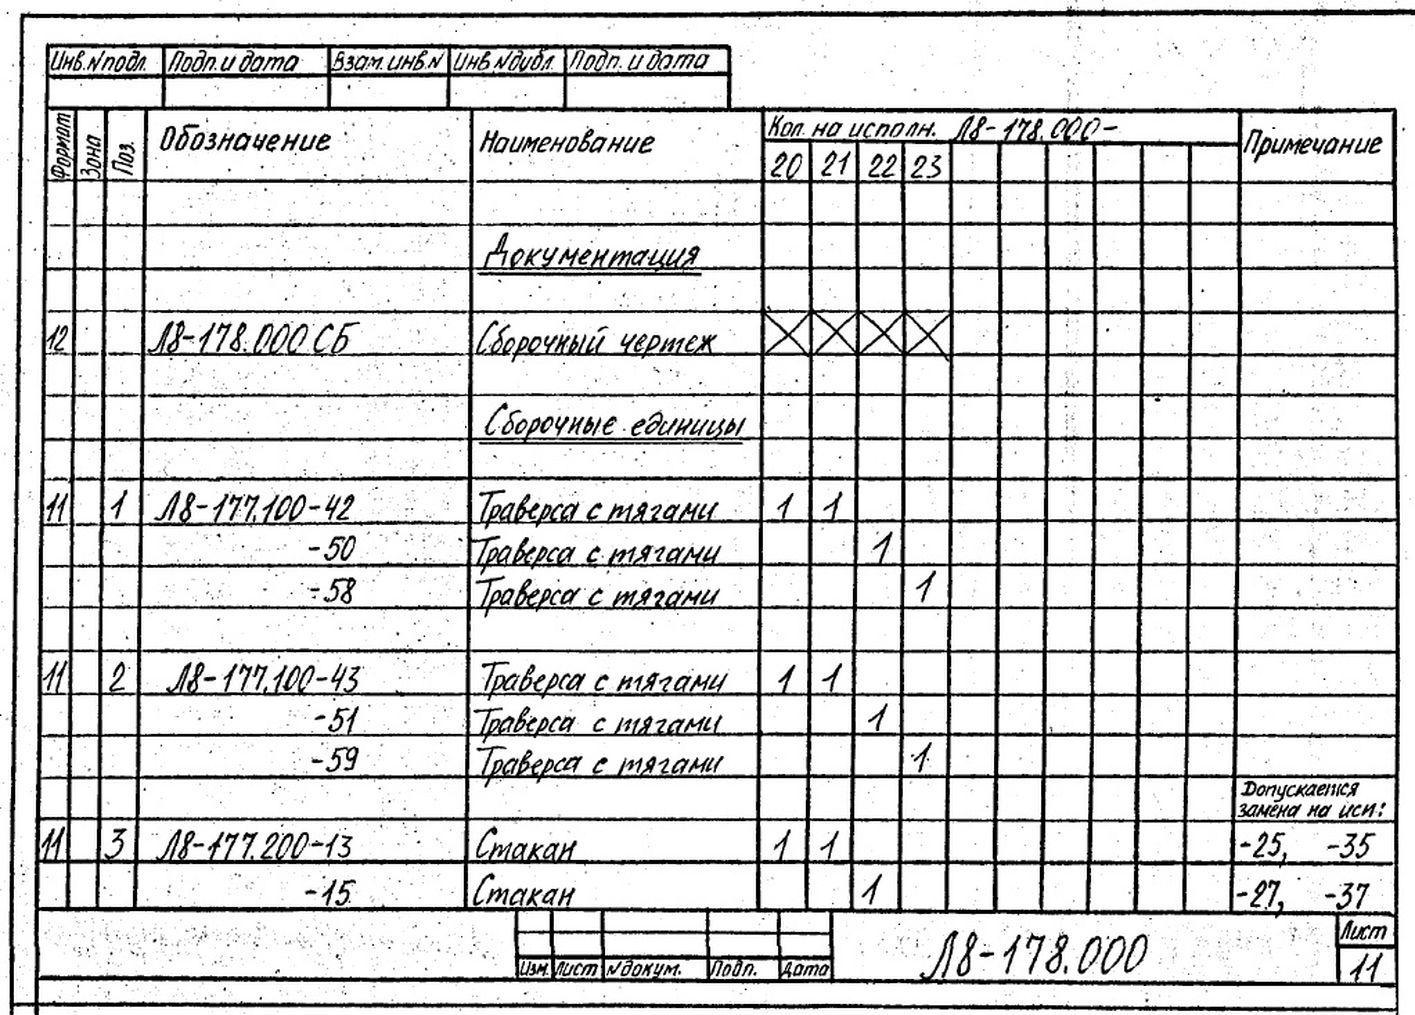 Блоки пружинные сдвоенные Л8-178.000 стр.12